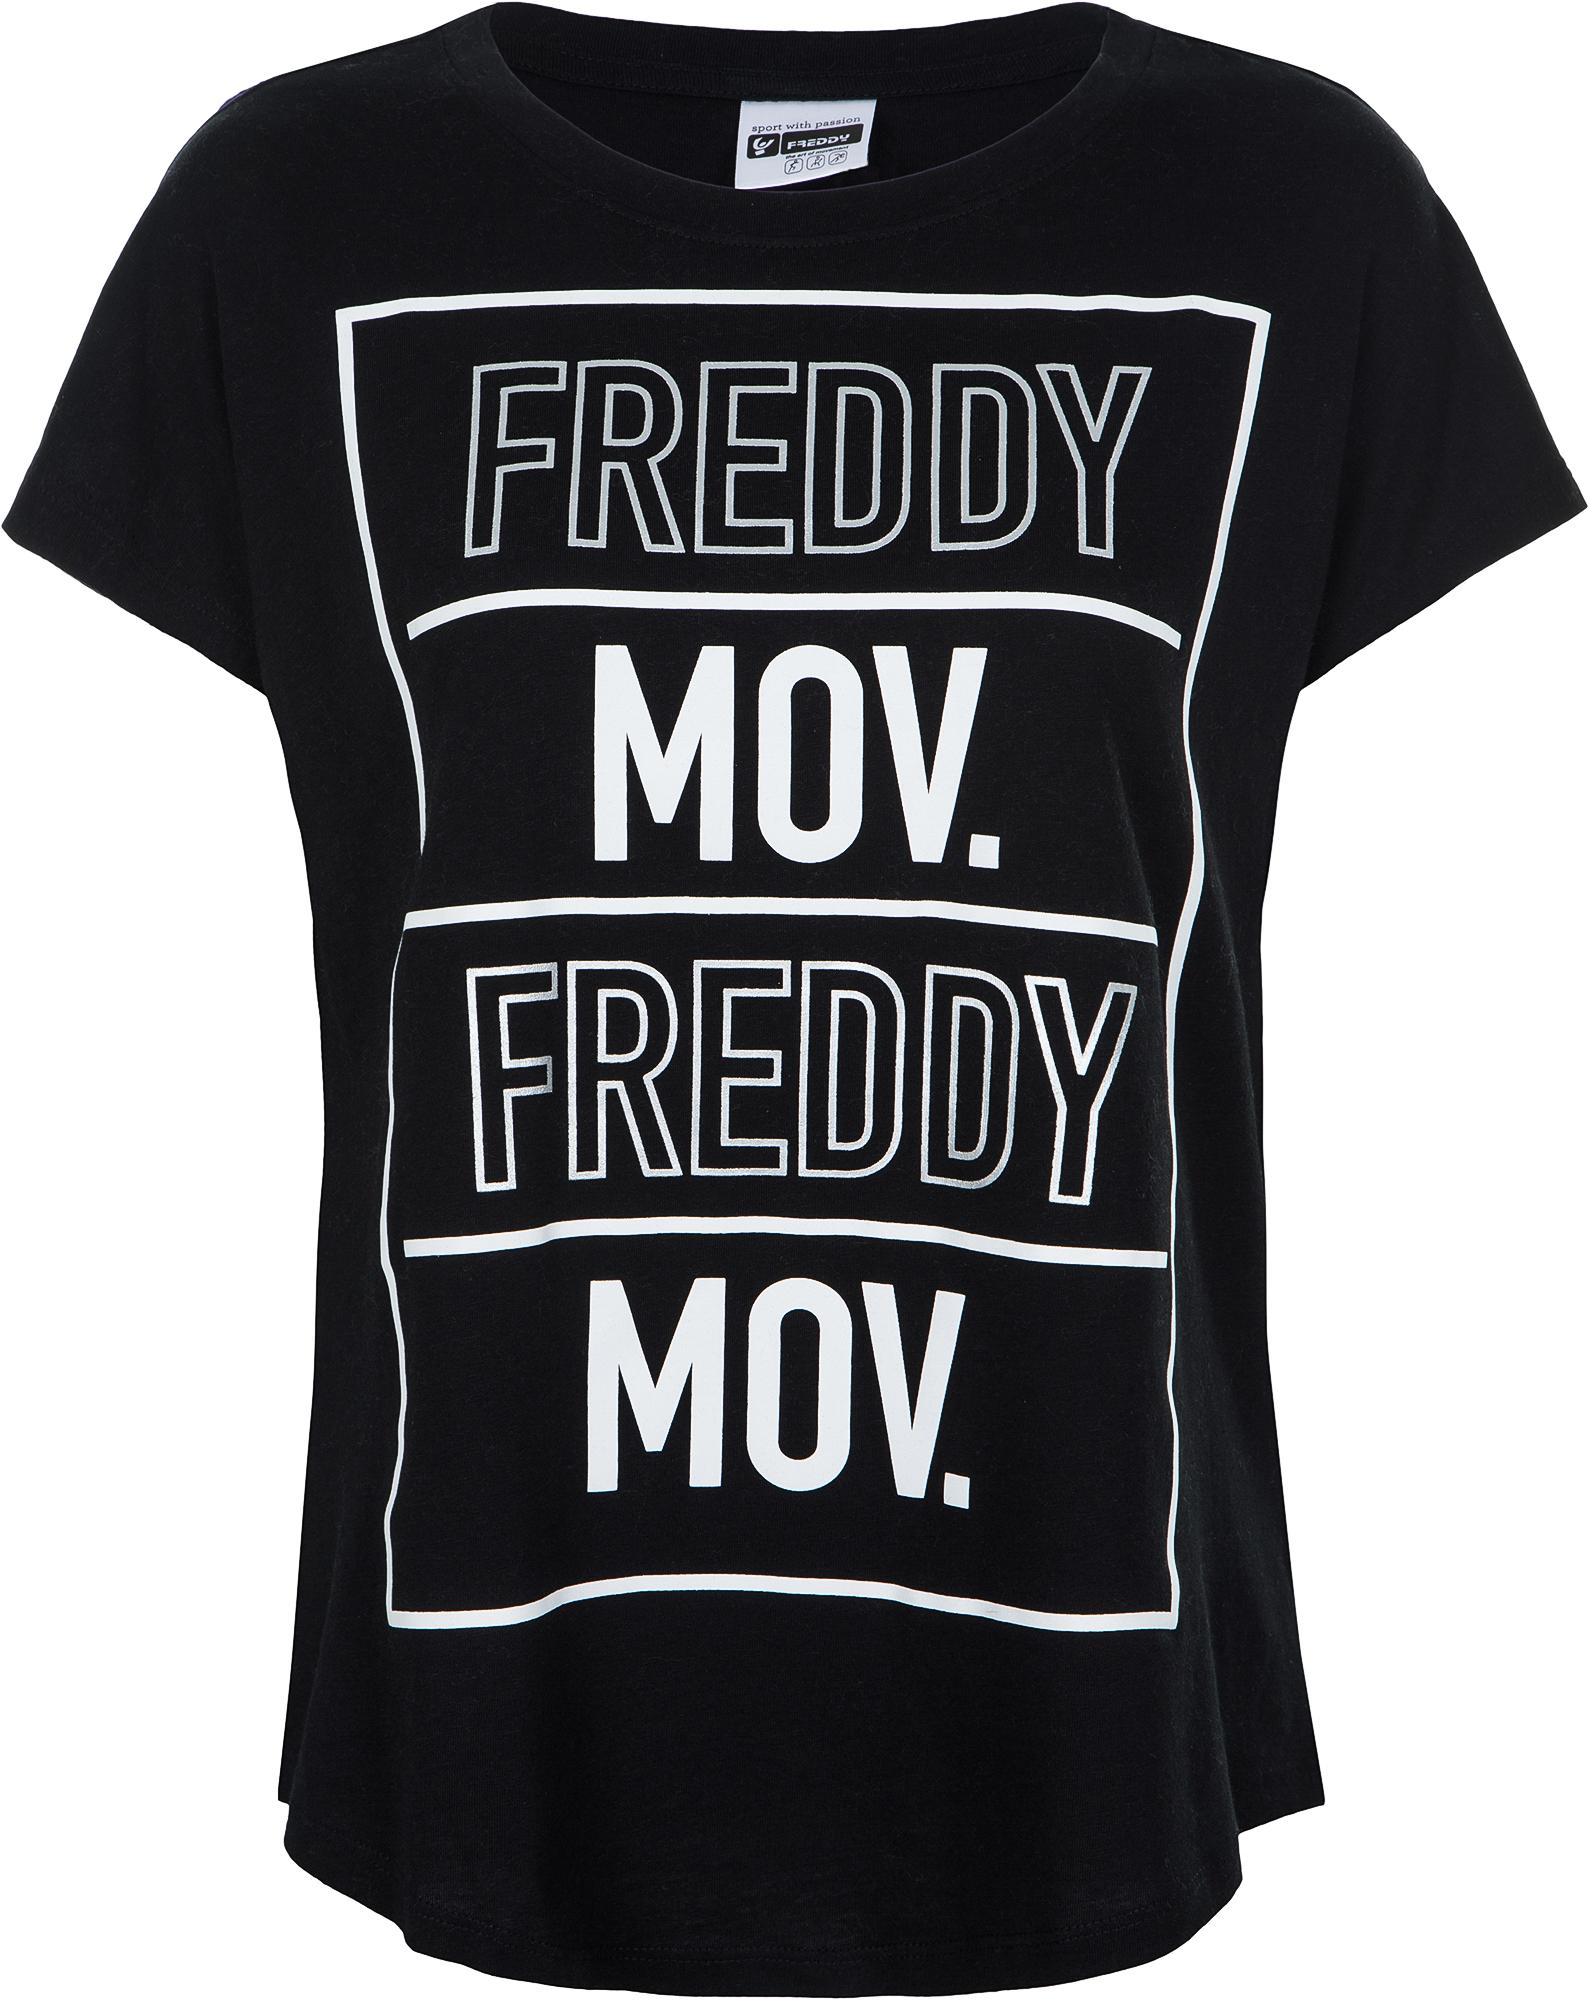 Freddy Футболка женская Freddy, размер 48-50 freddy обувь для танцев